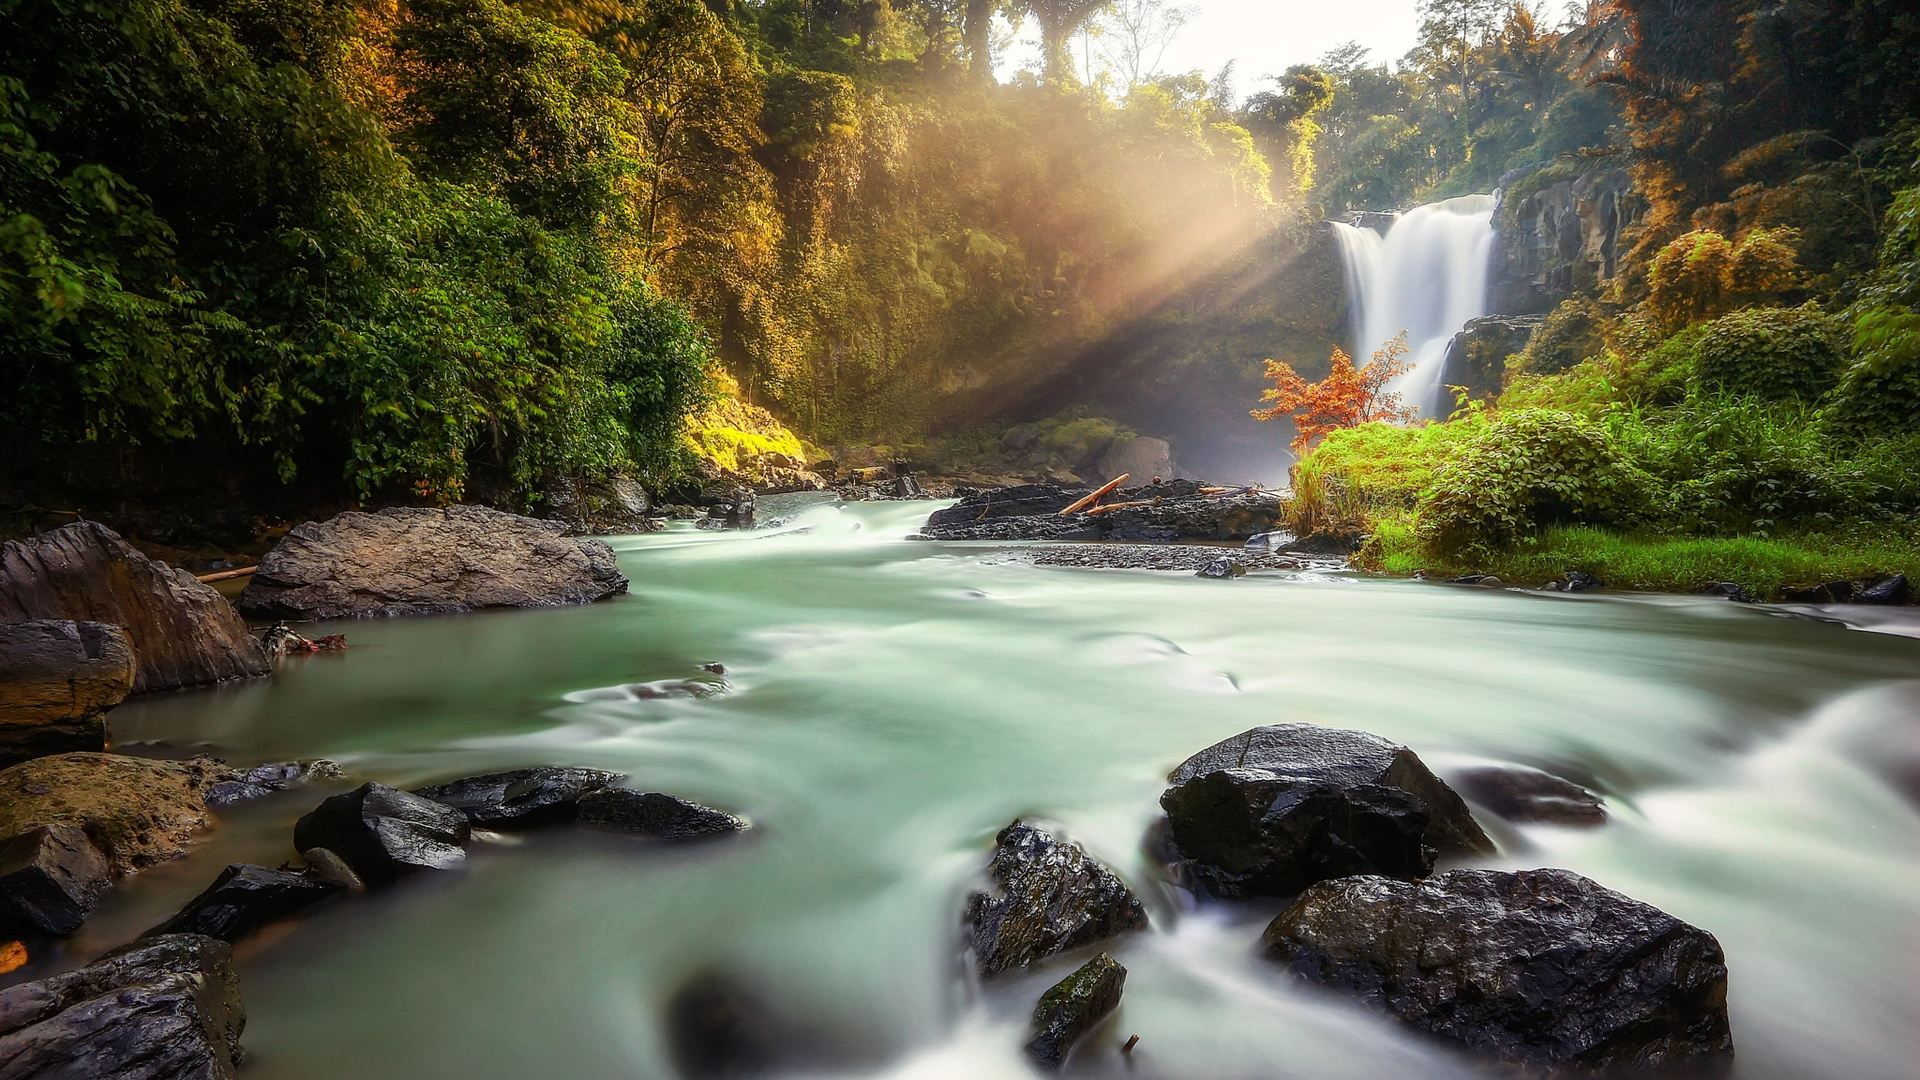 индонезия, природа, водопад, тегенунган, река, камни, лес, лучи, gede suyoga